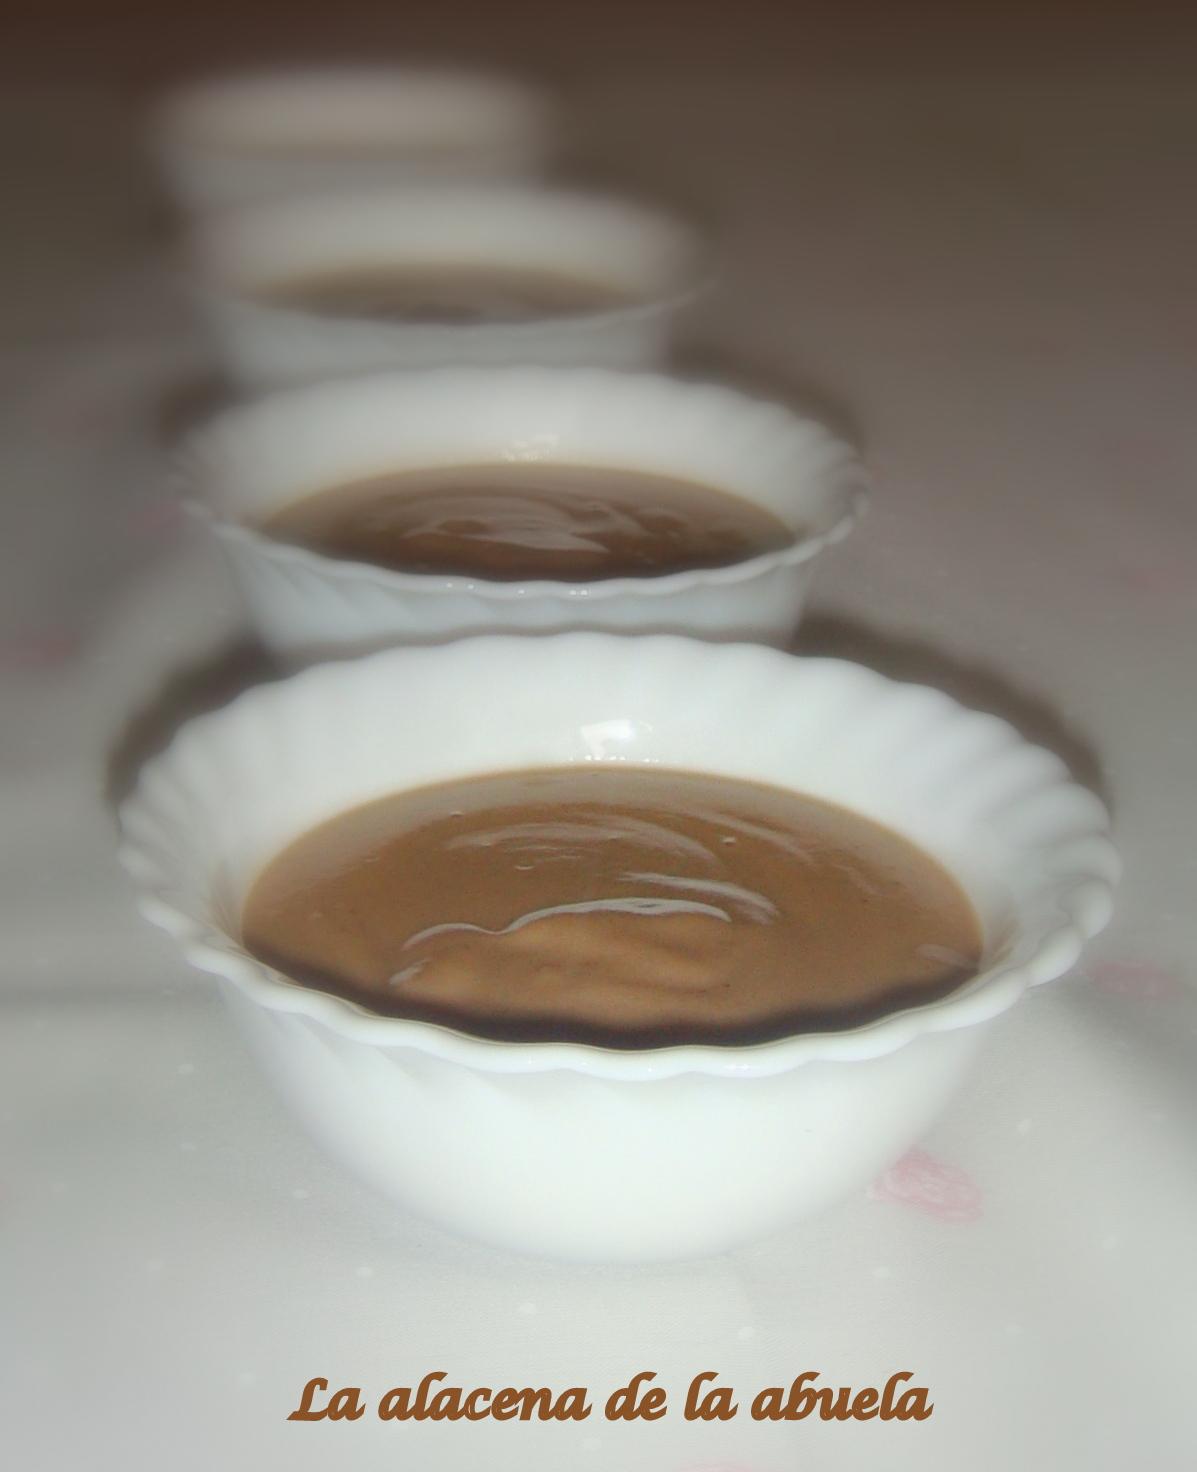 La alacena de la abuela carmen natillas de casta as for Cocina casera de la abuela